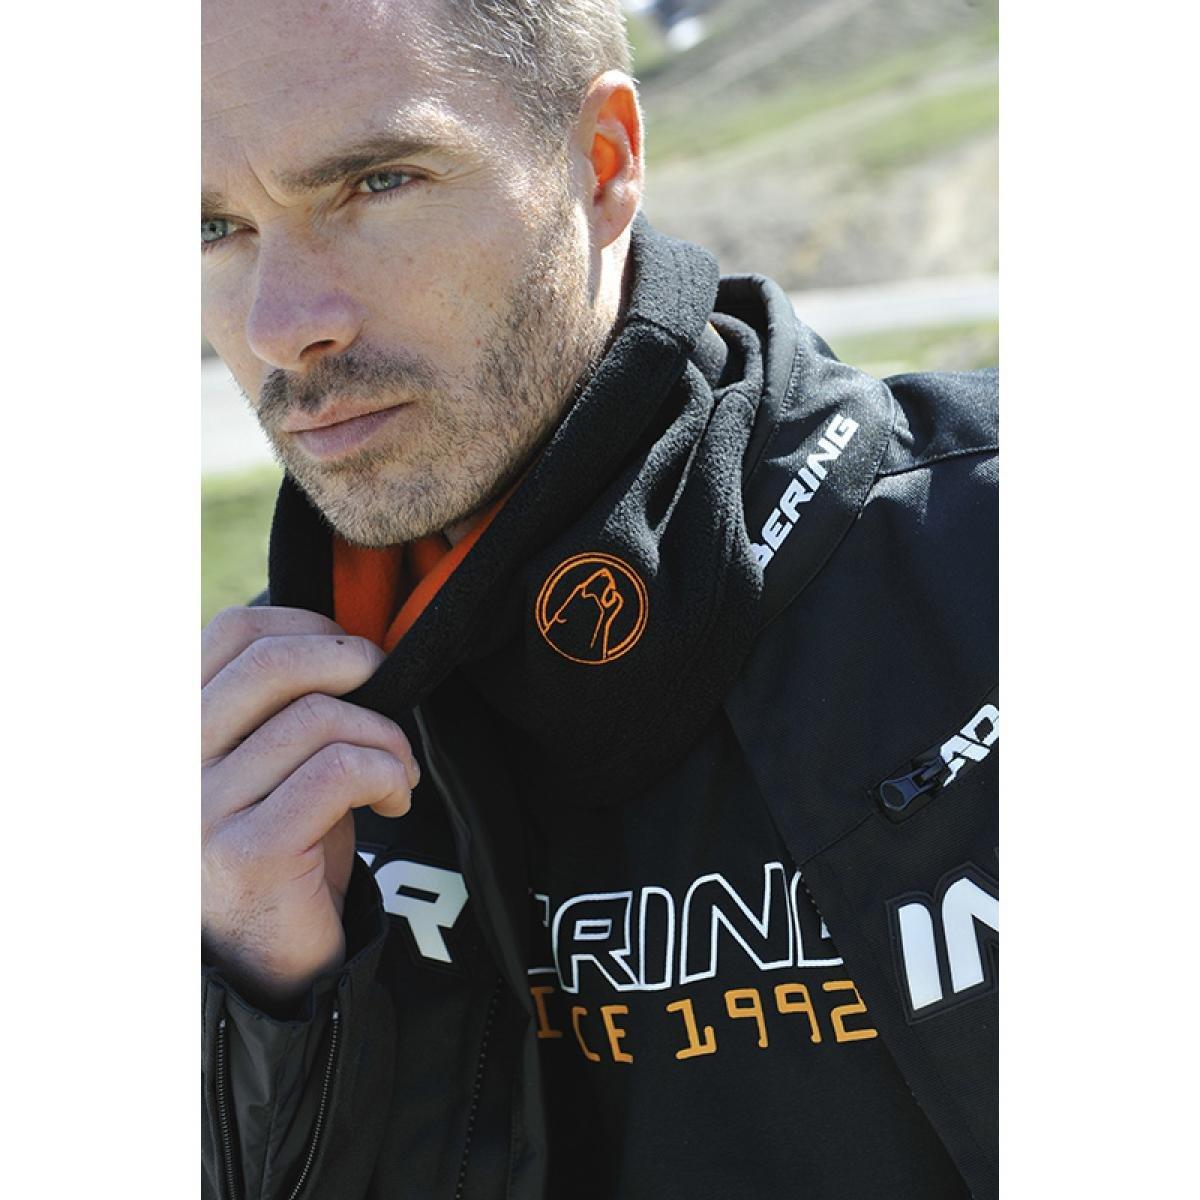 Bering - Tour de cou - TUBE POLAIRE ELASTIQUE - Couleur : Noir/Orange BAF020